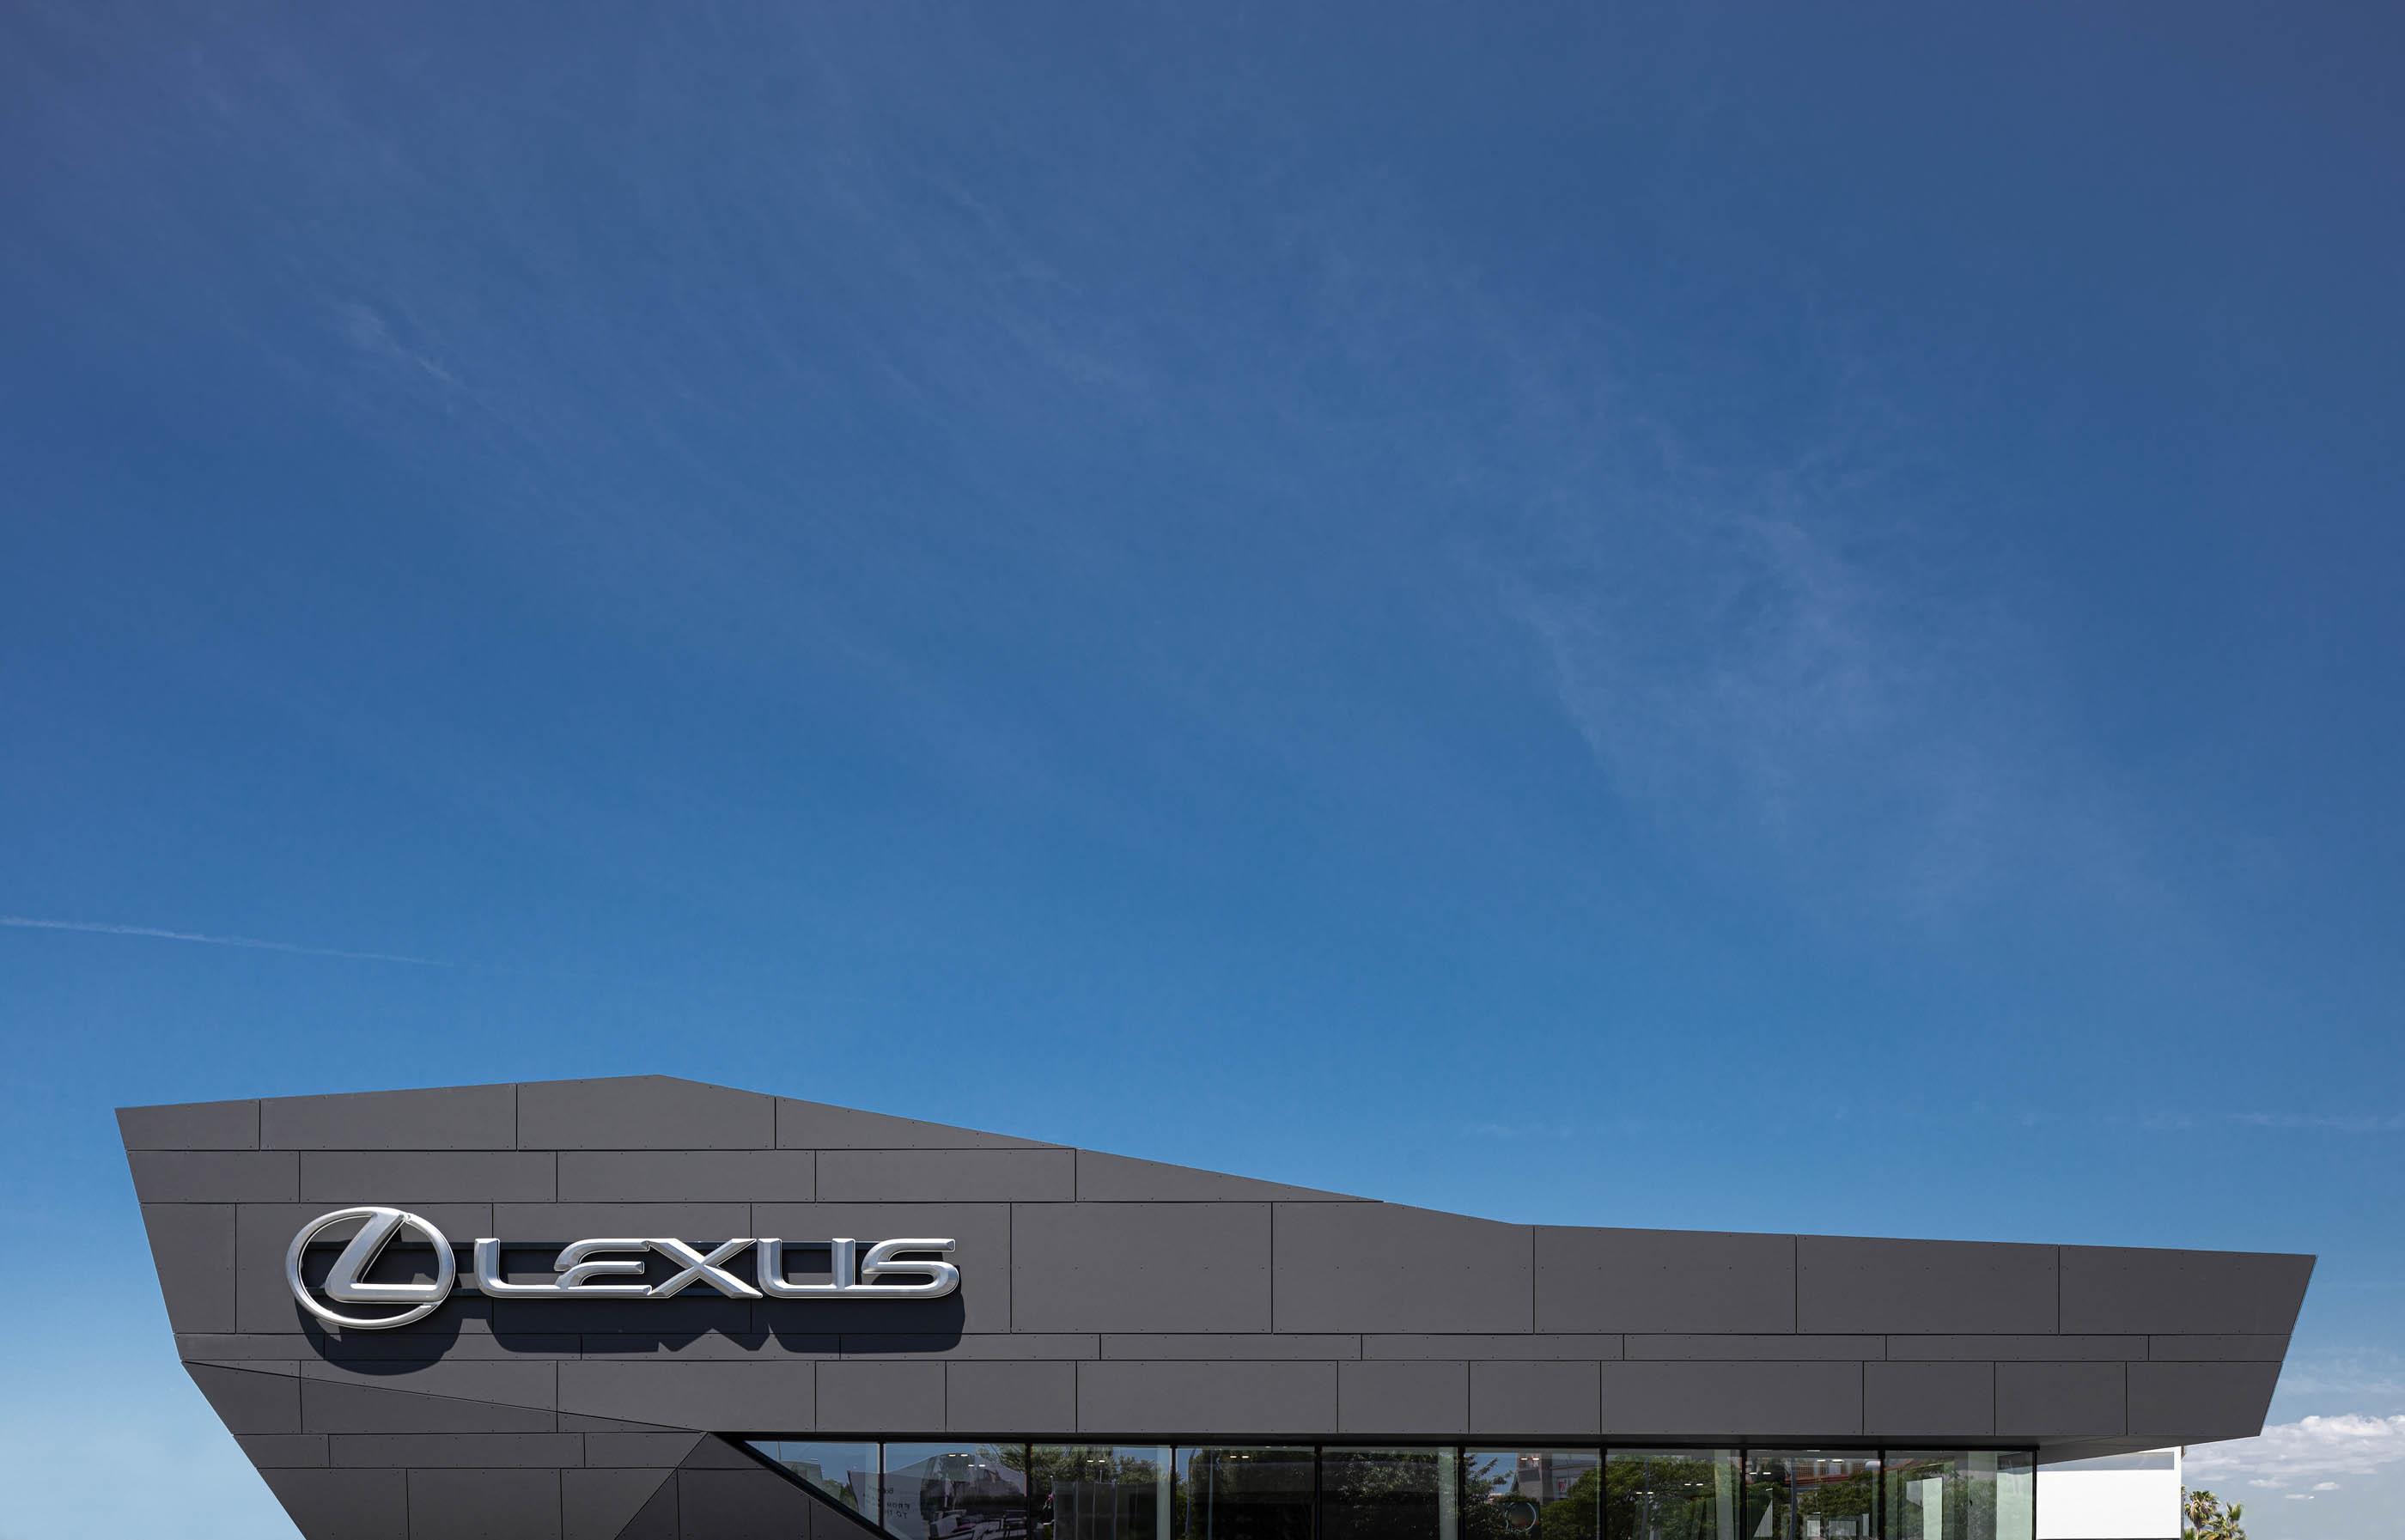 Lexus Faro Do Atelier De Arquitetura Rarcon do fotografo Ivo Tavares Studio